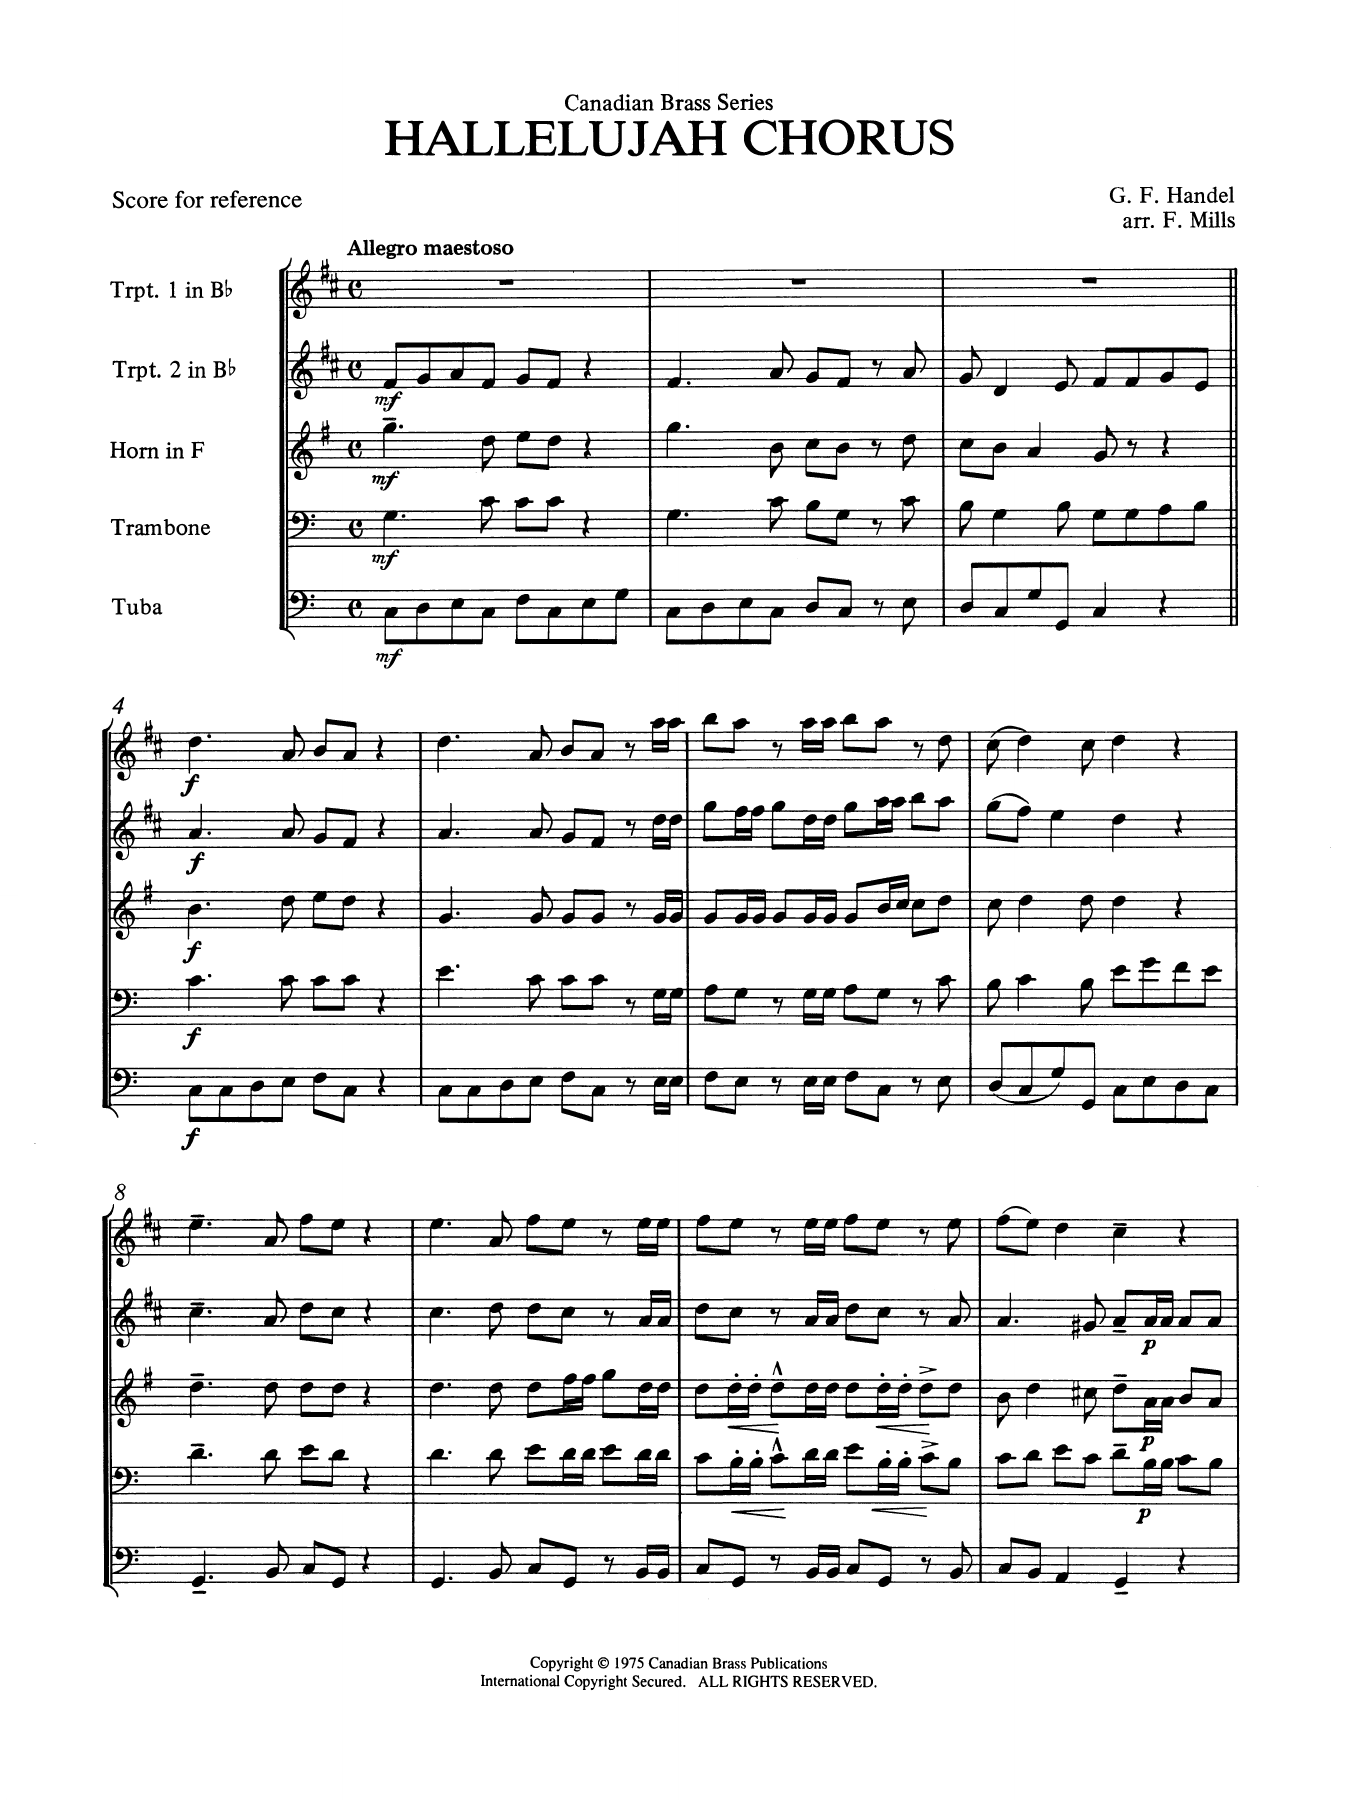 Hallelujah Chorus - Full Score